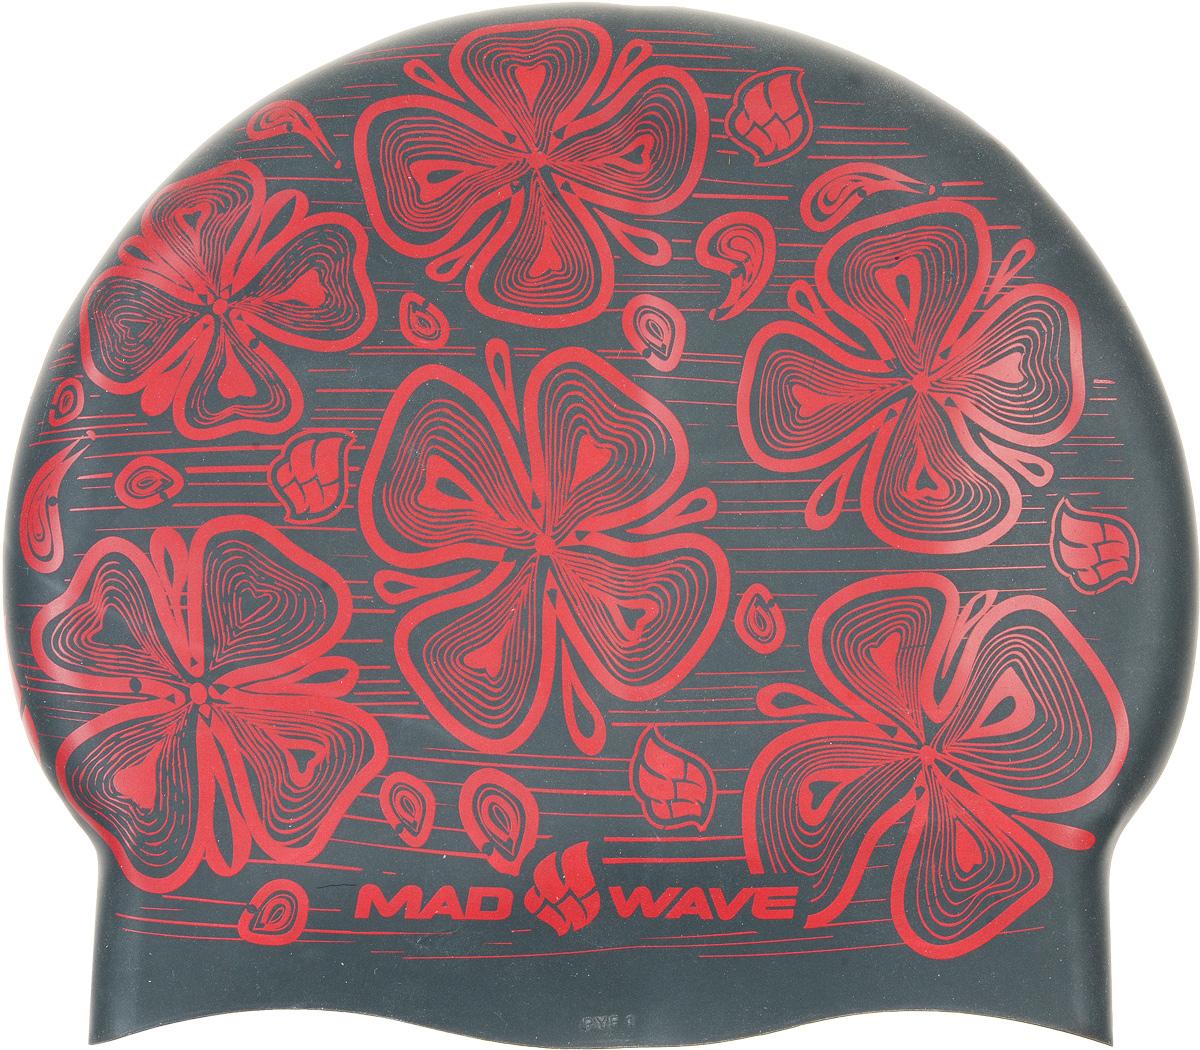 Шапочка для плавания MadWave Reverse Flora, силиконовая, двусторонняя, цвет: черный, серыйLCSJRMadWave Reverse Flora - 3D двусторонняя силиконовая шапочка. Мягкий прочный силикон обеспечивает идеальную подгонку и комфорт. Материал шапочки не вызывает раздражения, что гарантирует безопасность использования шапочки. Силикон не пропускает воду и приятен на ощупь. Характеристики:Материал: силикон.Размер шапочки: 22 см x 19 см. Производитель: Китай. Артикул: M0552 08 0 01W.